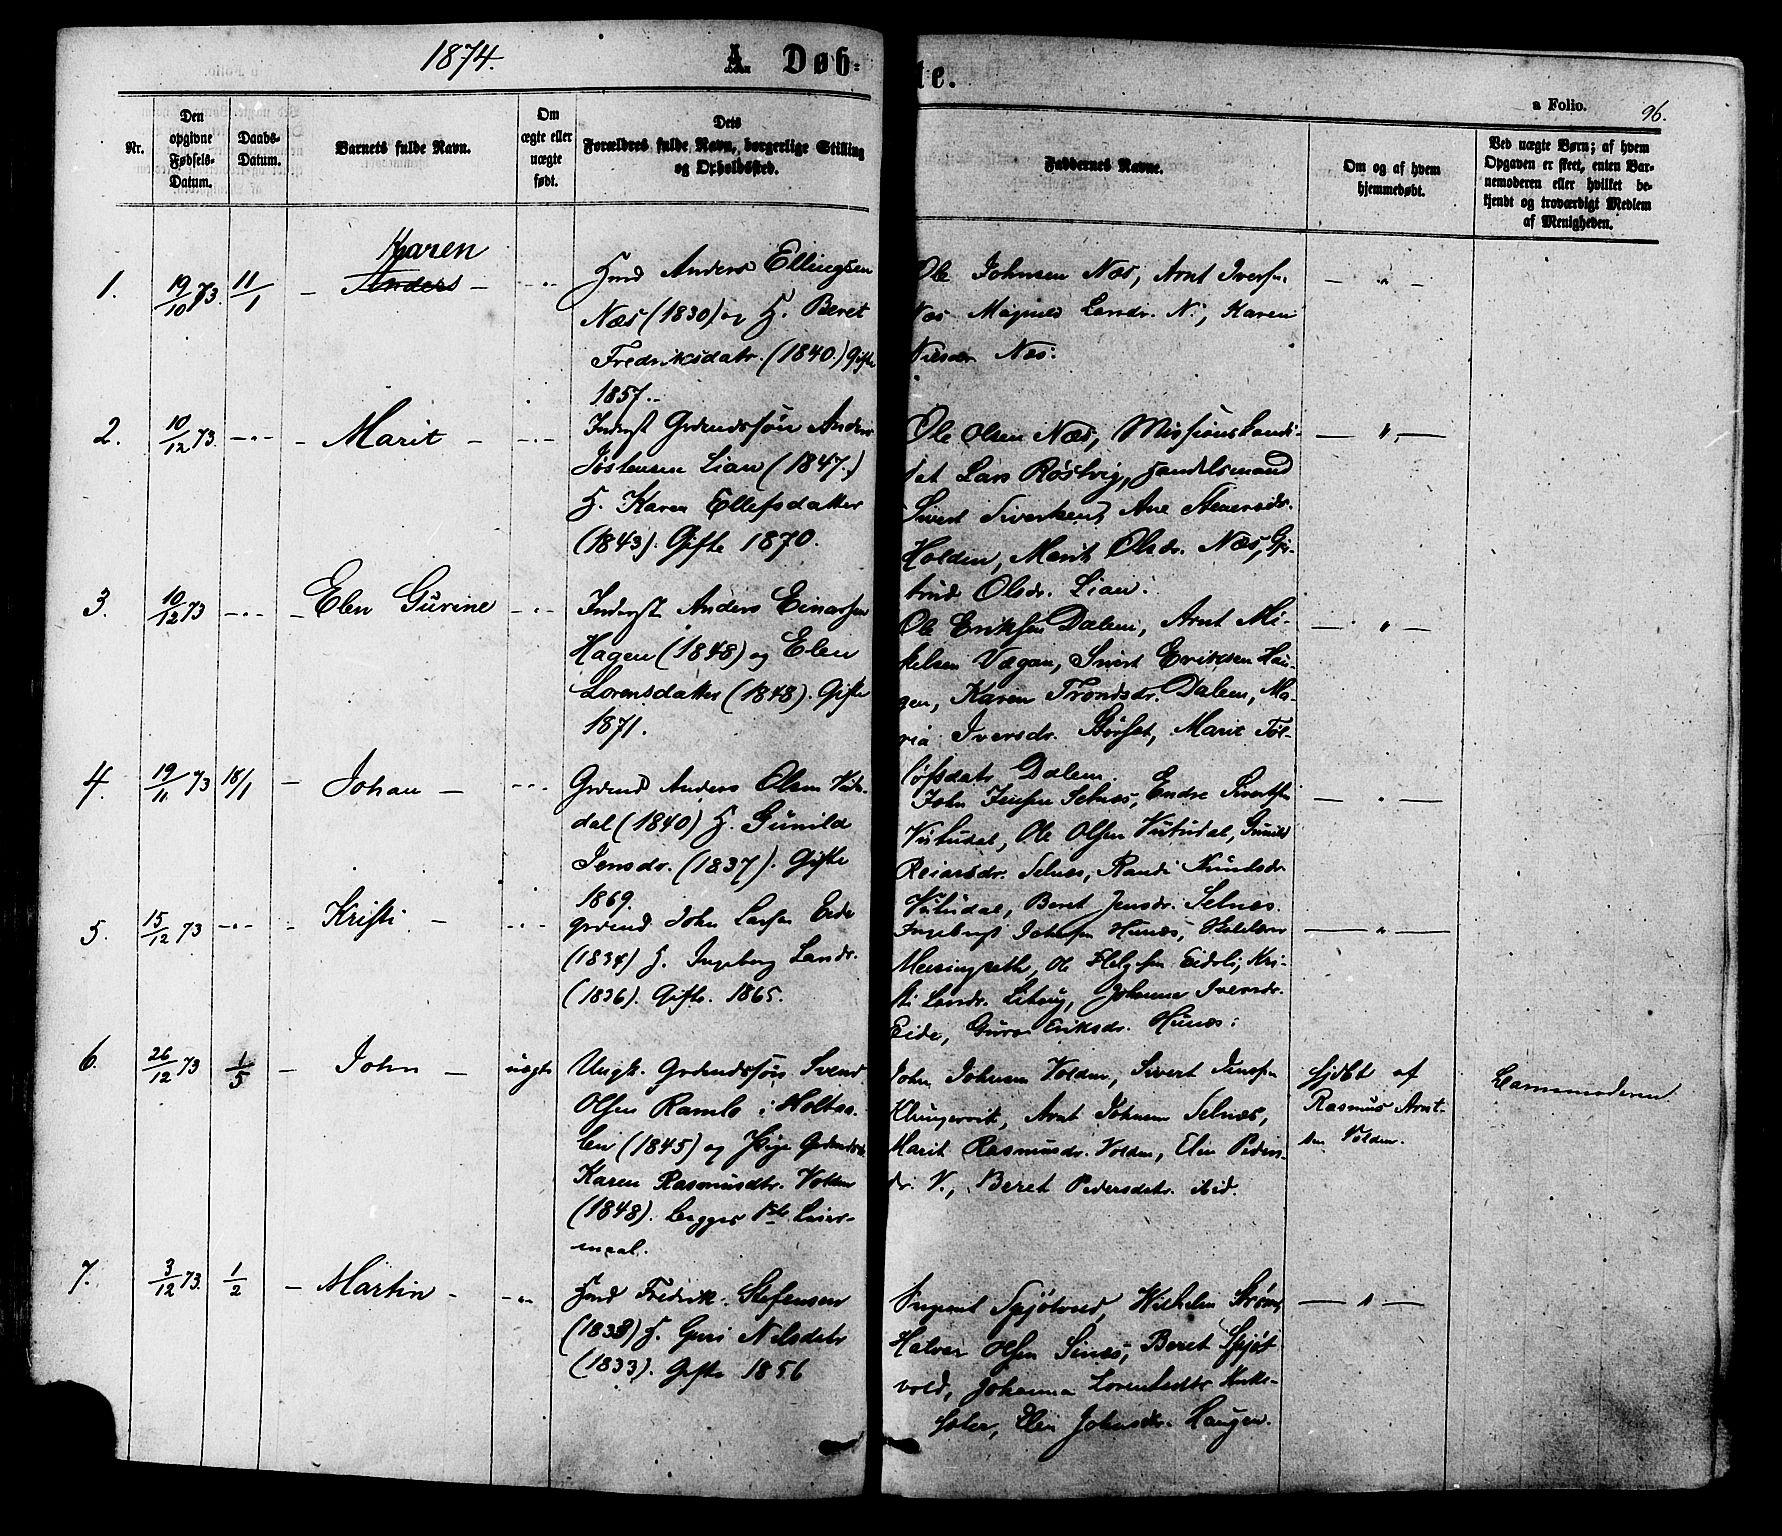 SAT, Ministerialprotokoller, klokkerbøker og fødselsregistre - Sør-Trøndelag, 630/L0495: Ministerialbok nr. 630A08, 1868-1878, s. 96